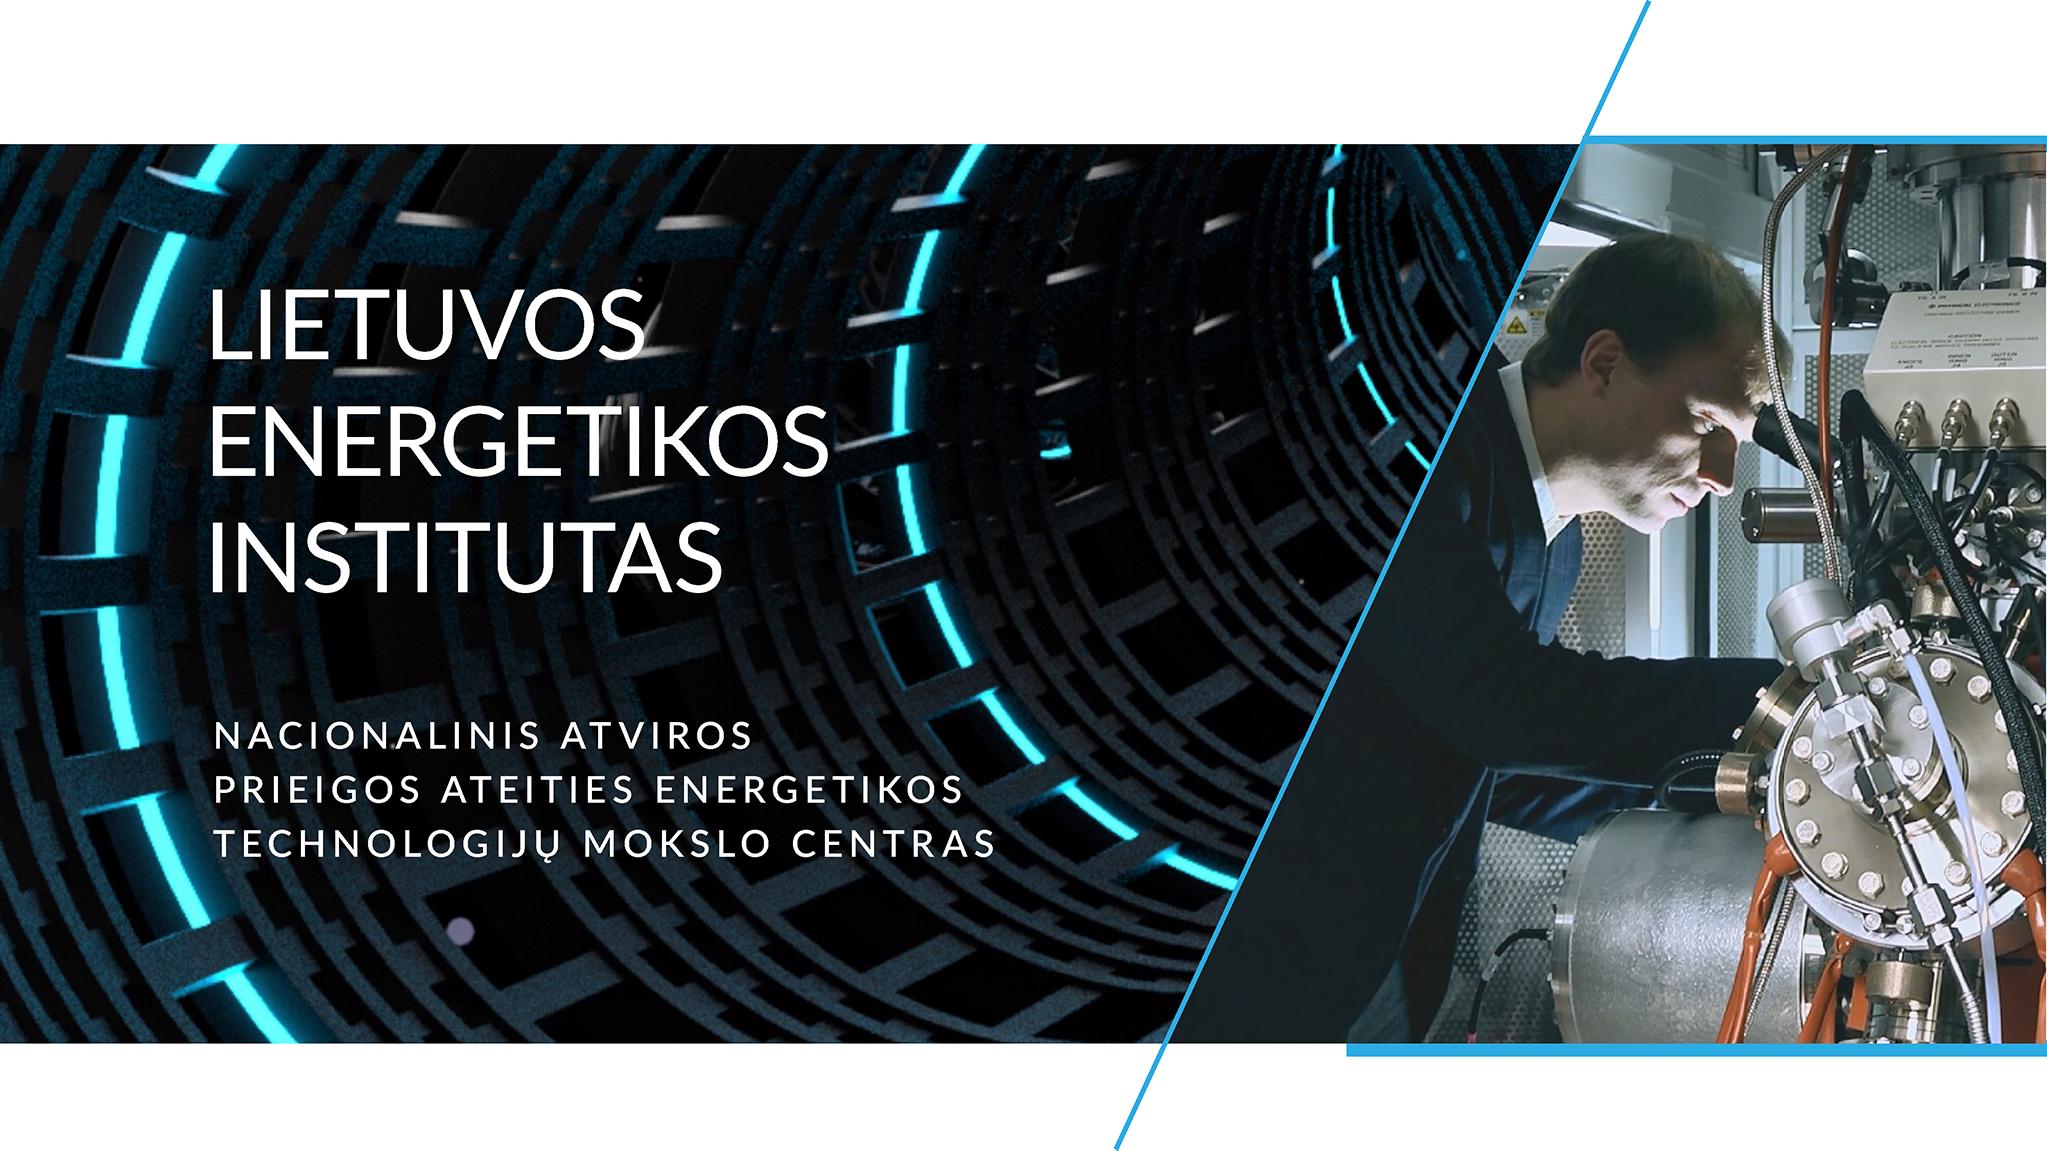 Lietuvos eneregetikos instituto viršelio paveikslėlis socialiniams tinklams